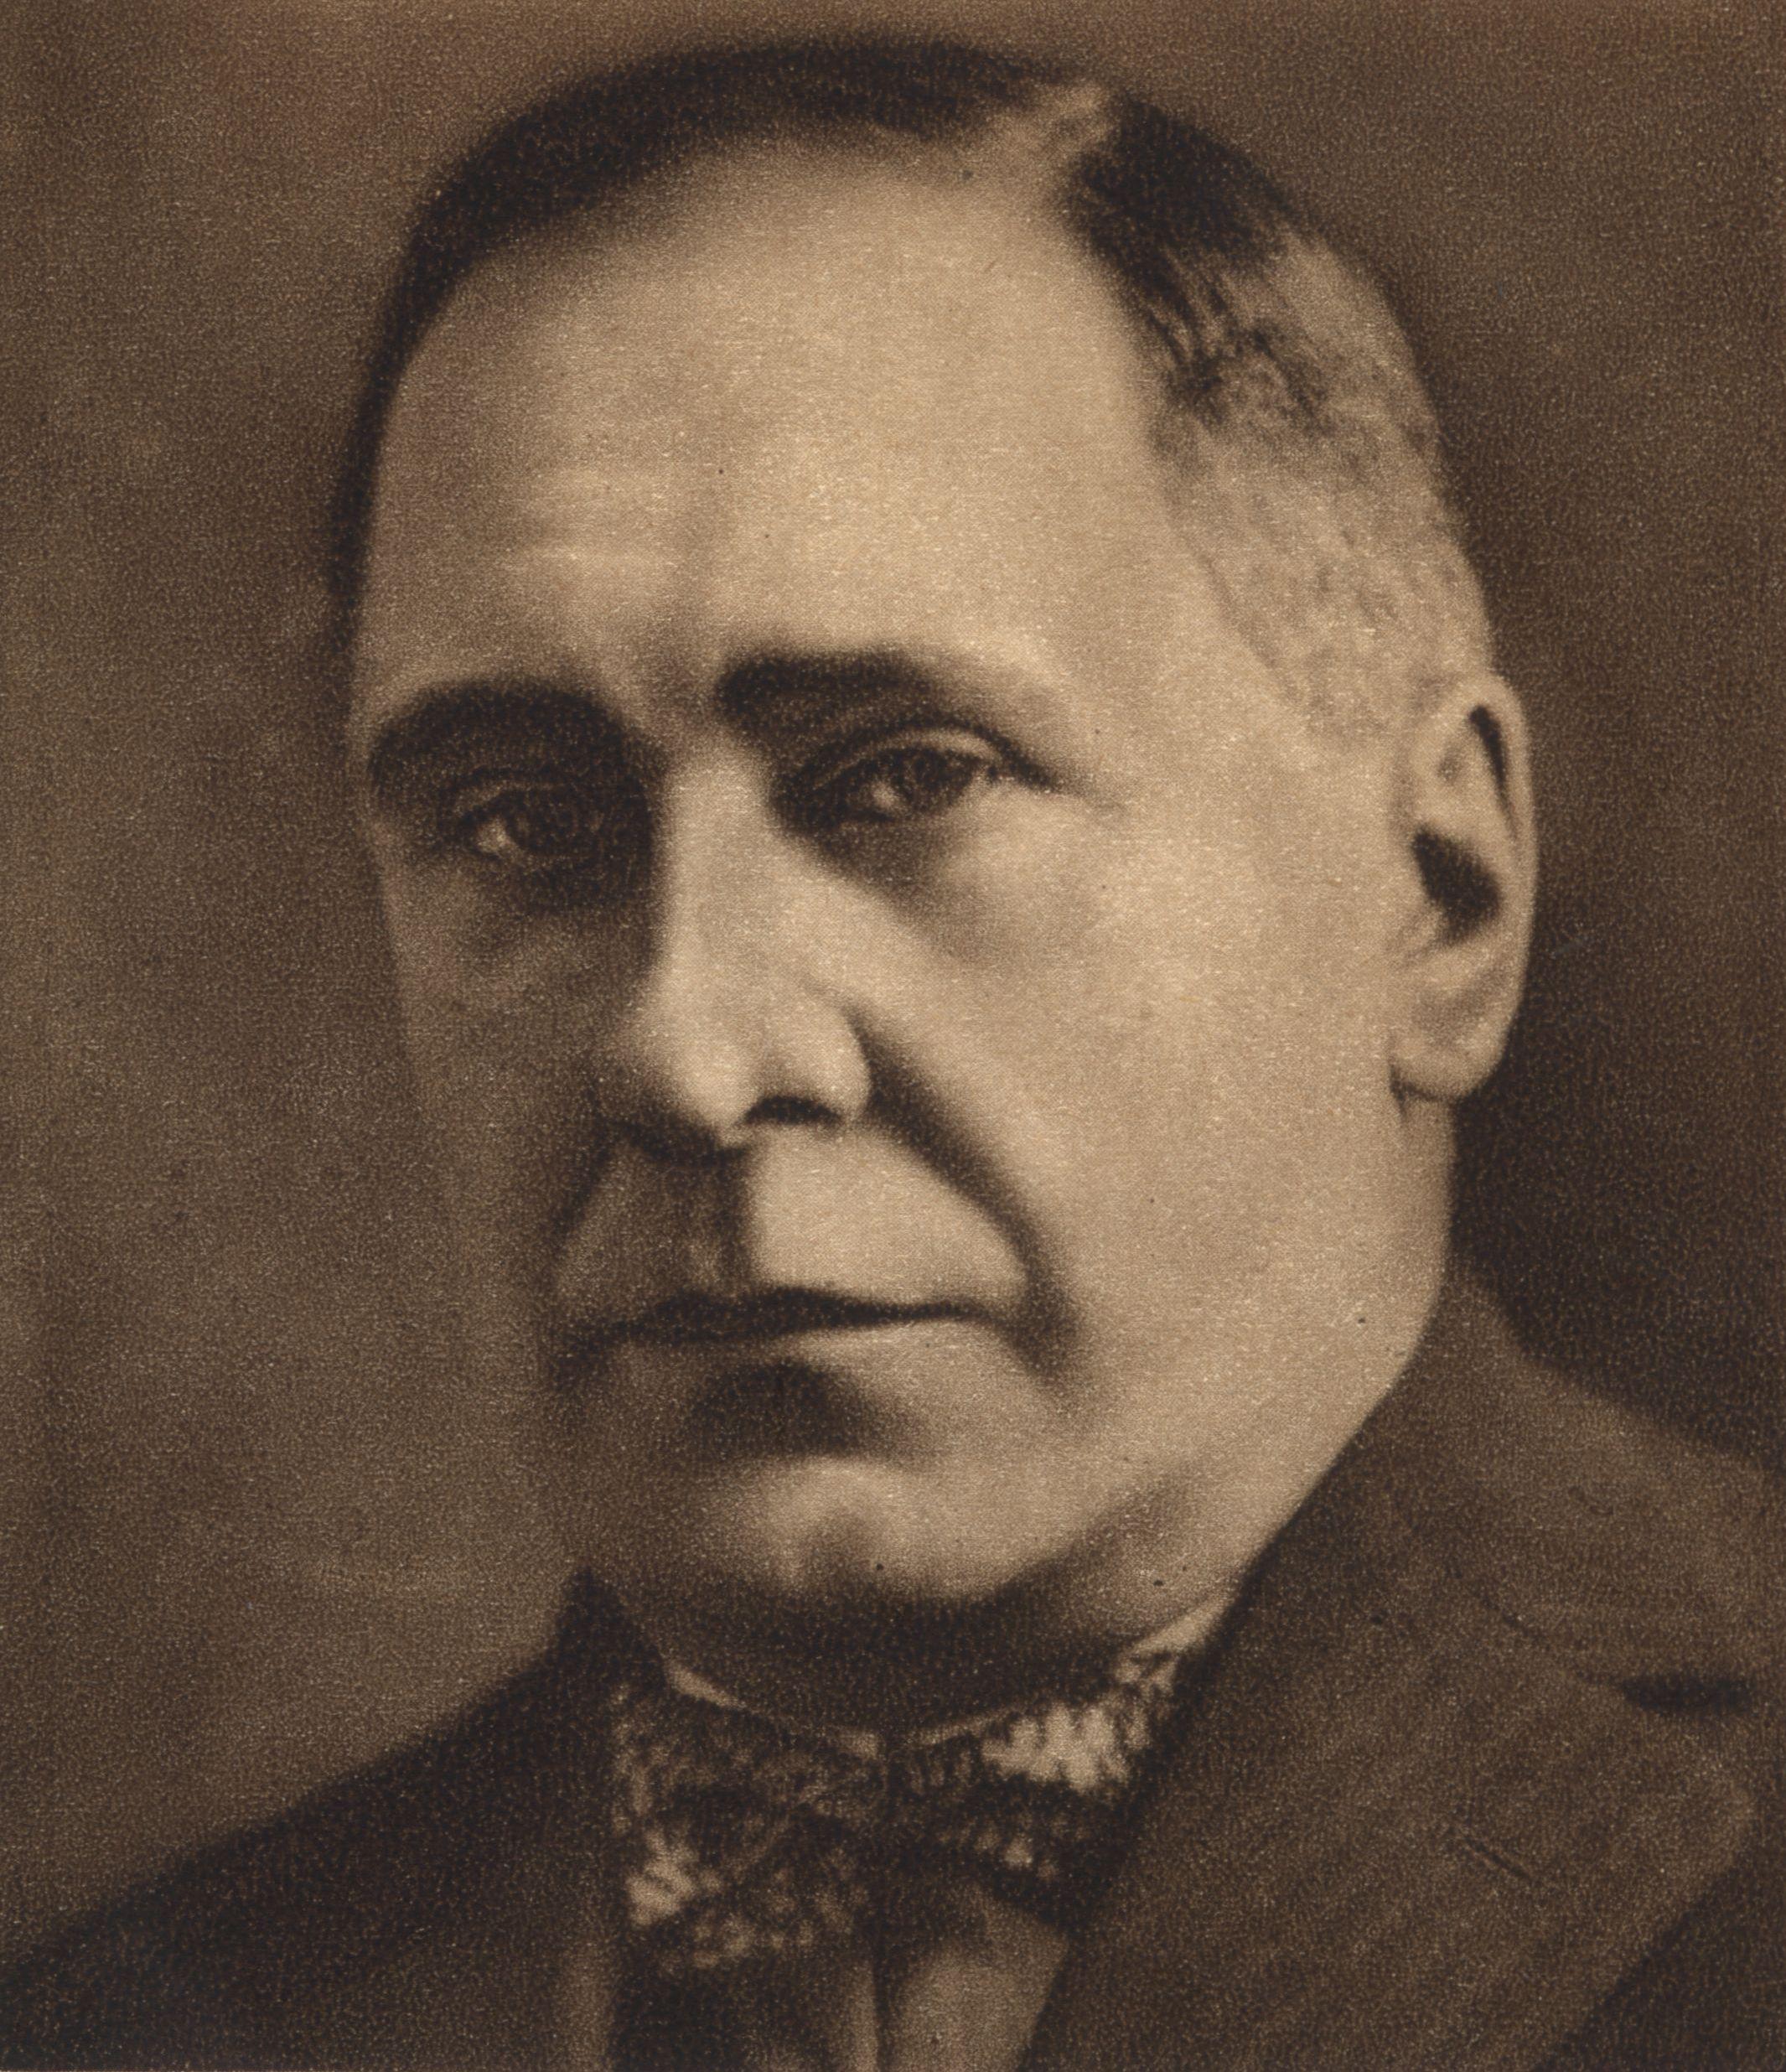 Ossendowski in 1933